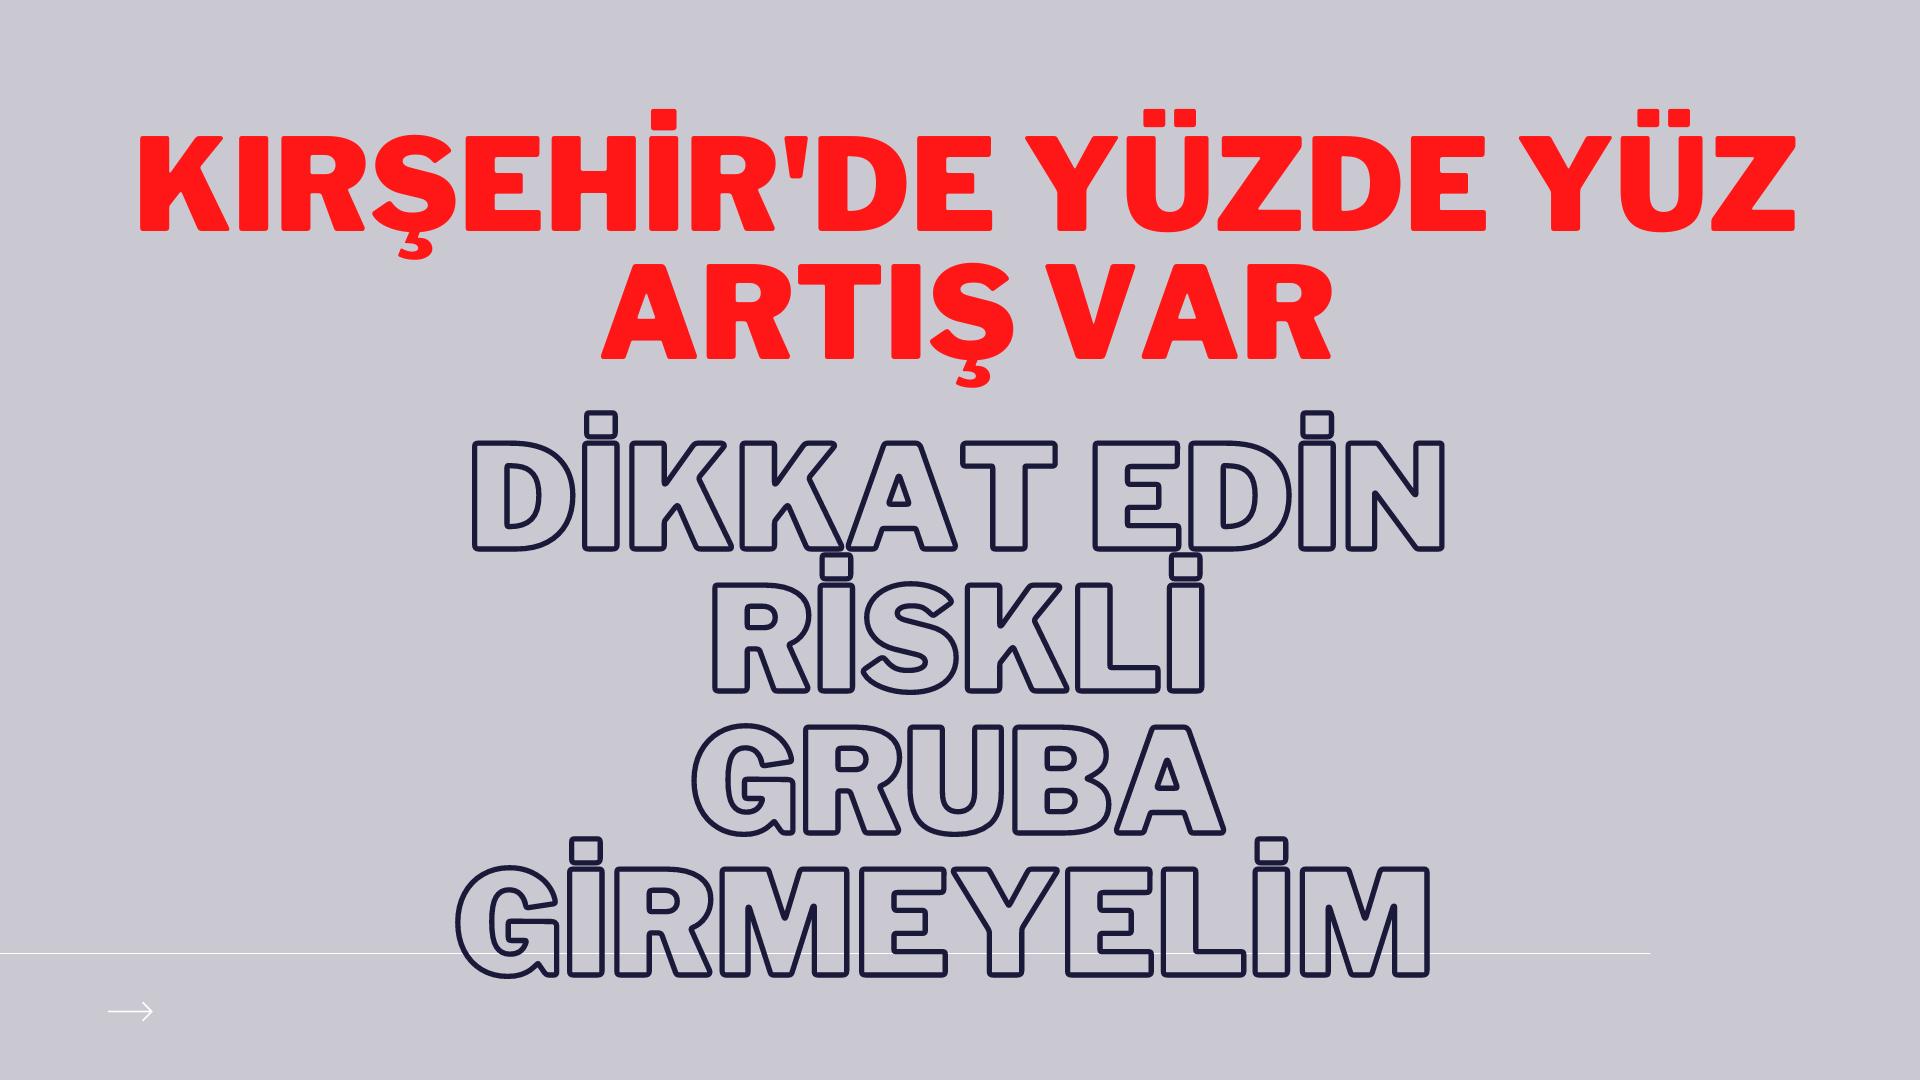 Kırşehir'de yüzde yüz artış var